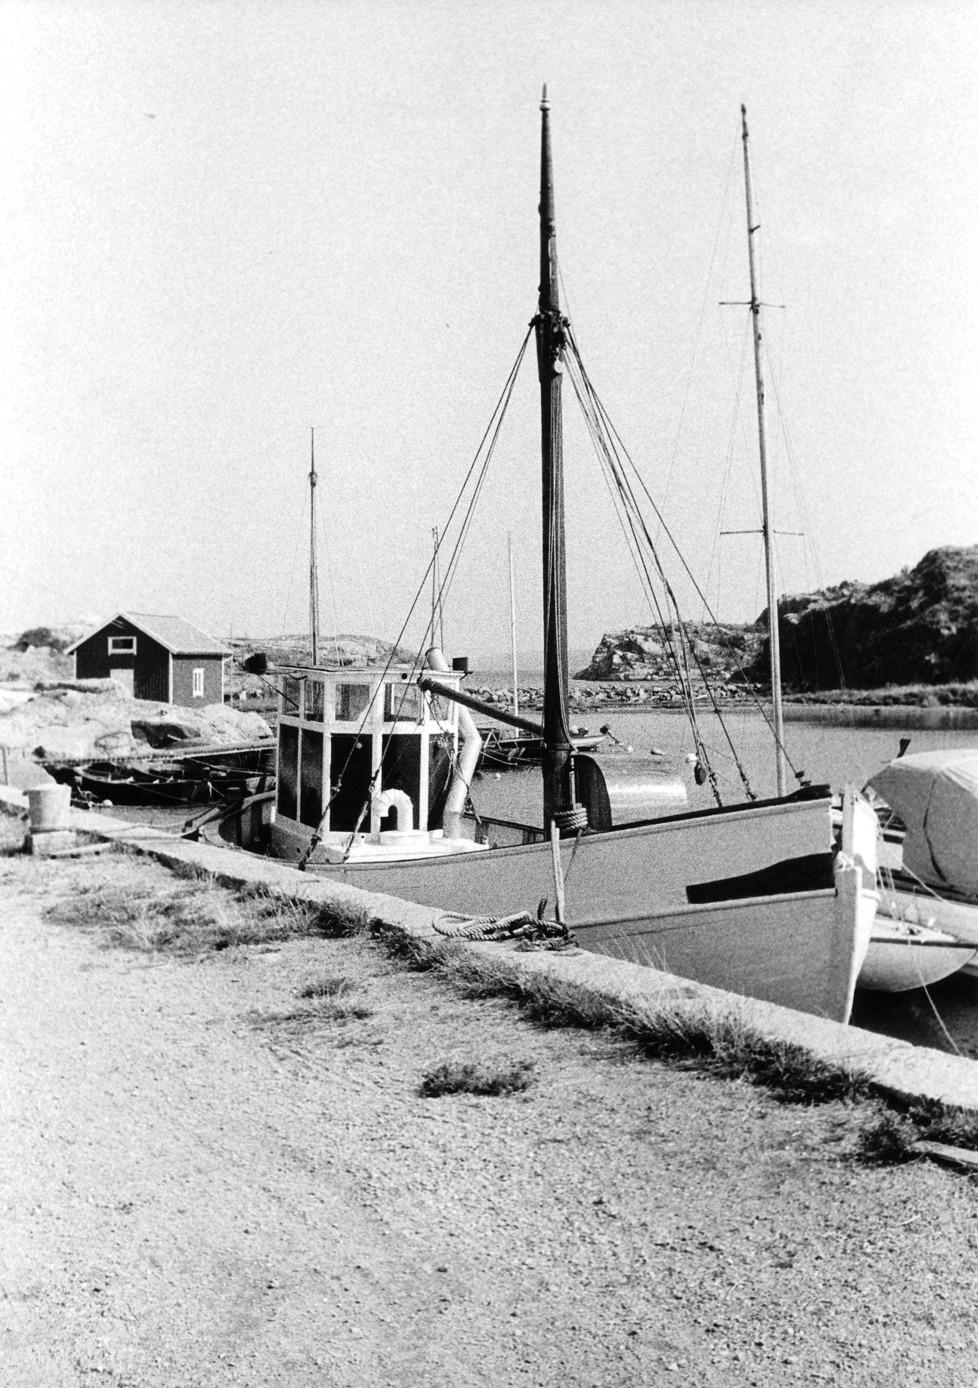 Foto Claes Funck 1963. Fiskebåt i hamn, f.d. trålare, numera fristidsbåt, Russvik.